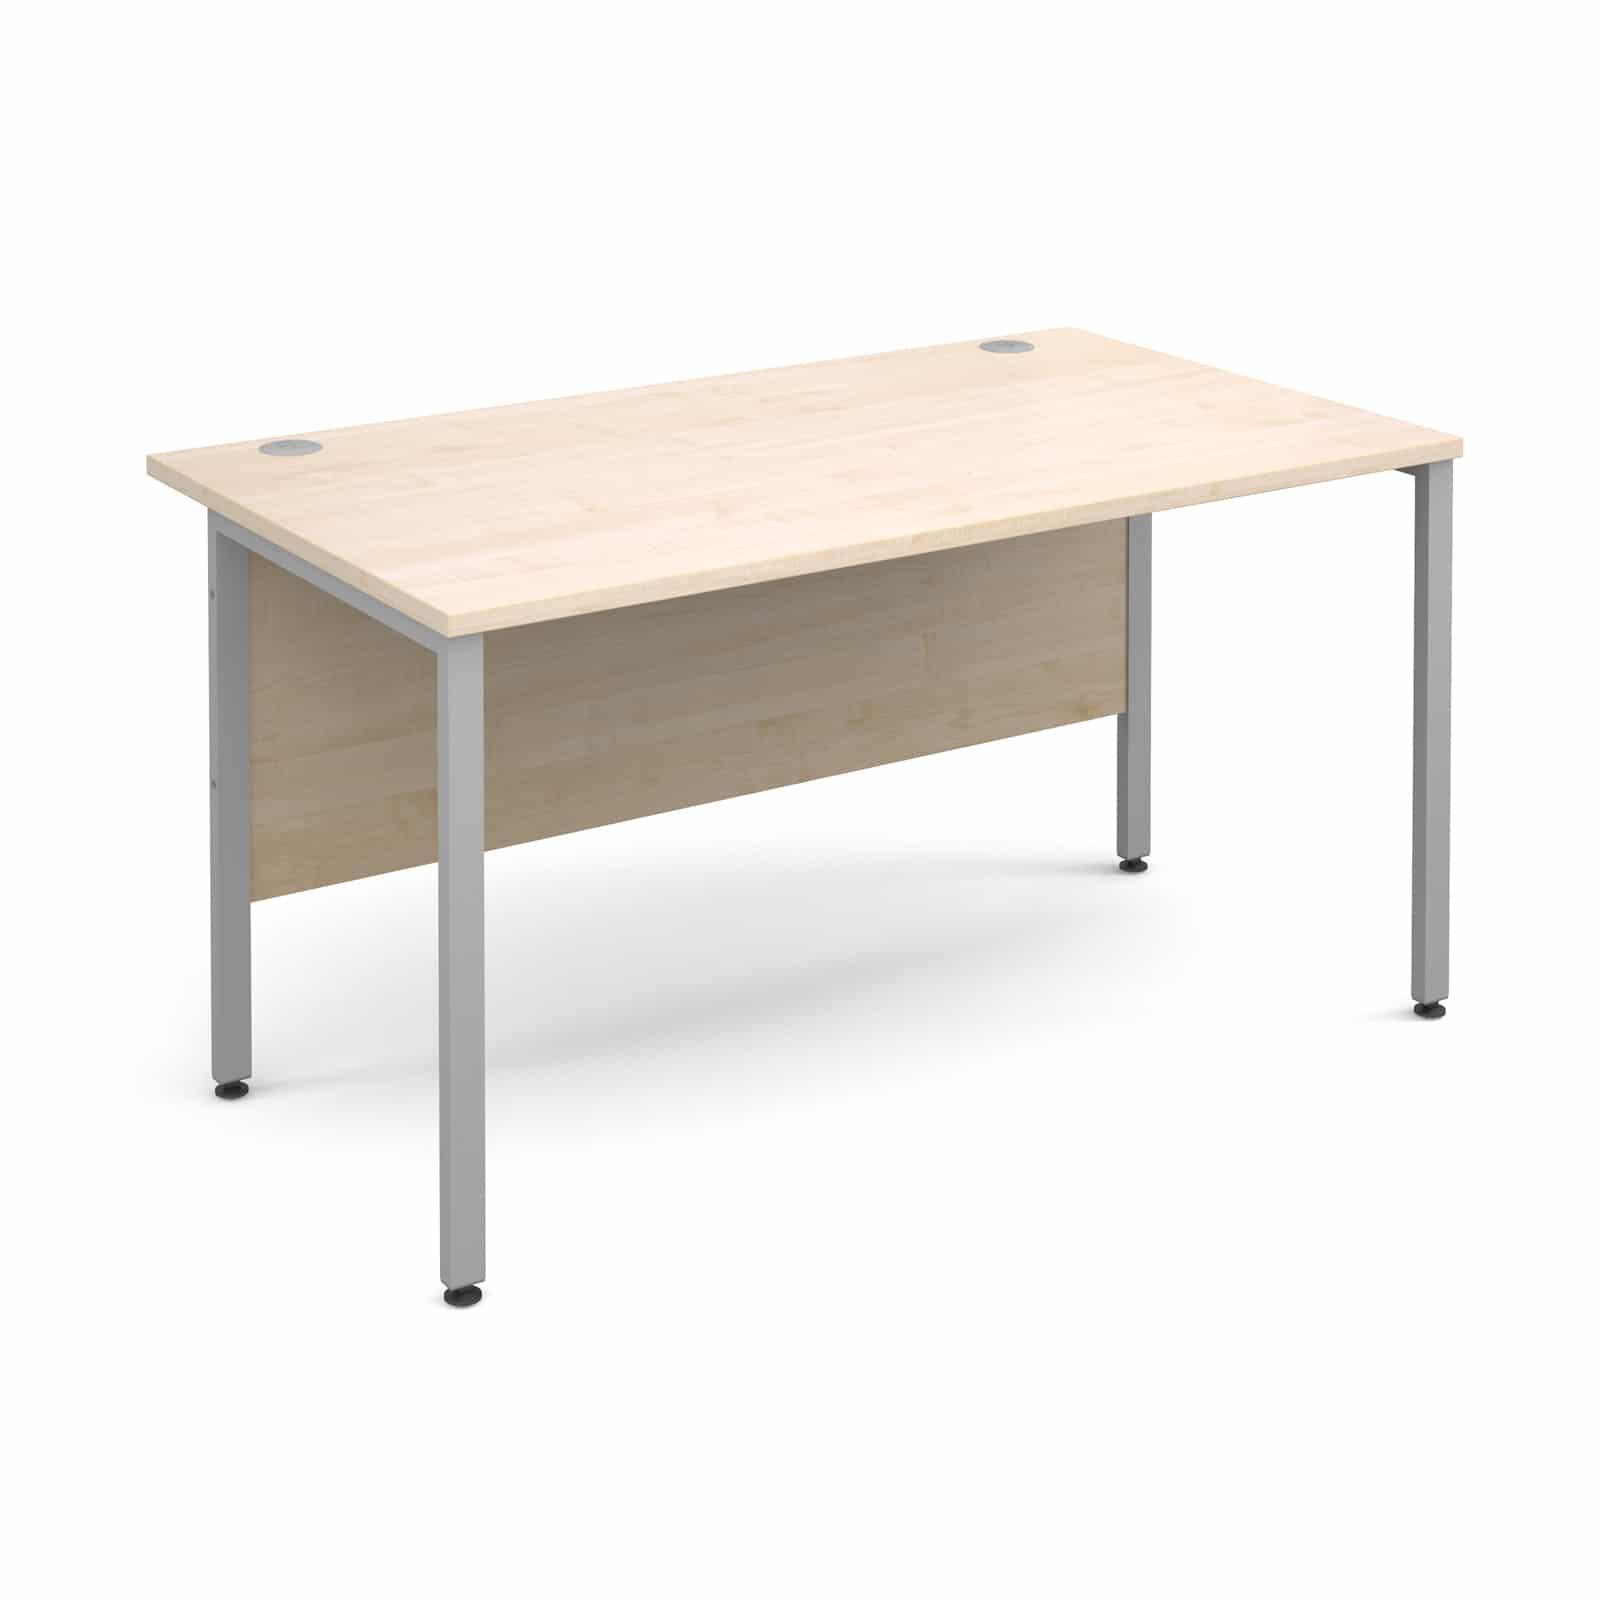 H frame 1400 x 800mm straight maple office desk bimi - Maple office desk ...